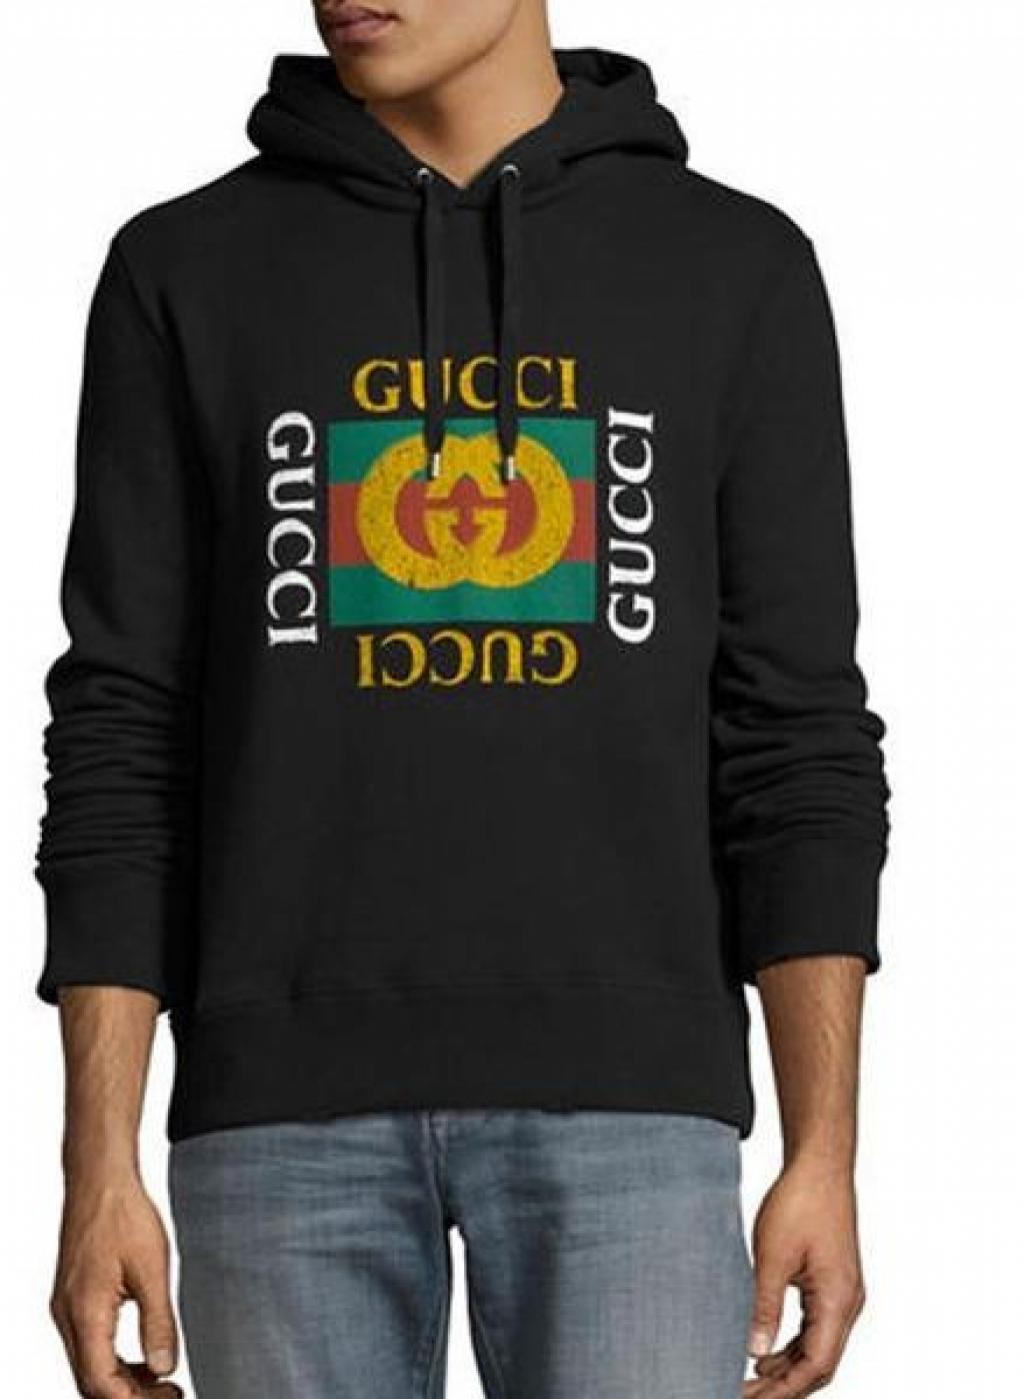 310a97649fe 15408215910 imtiaz-ali-hoodie-gucci-hoodie-black-hoodie -1268119240744 grande.